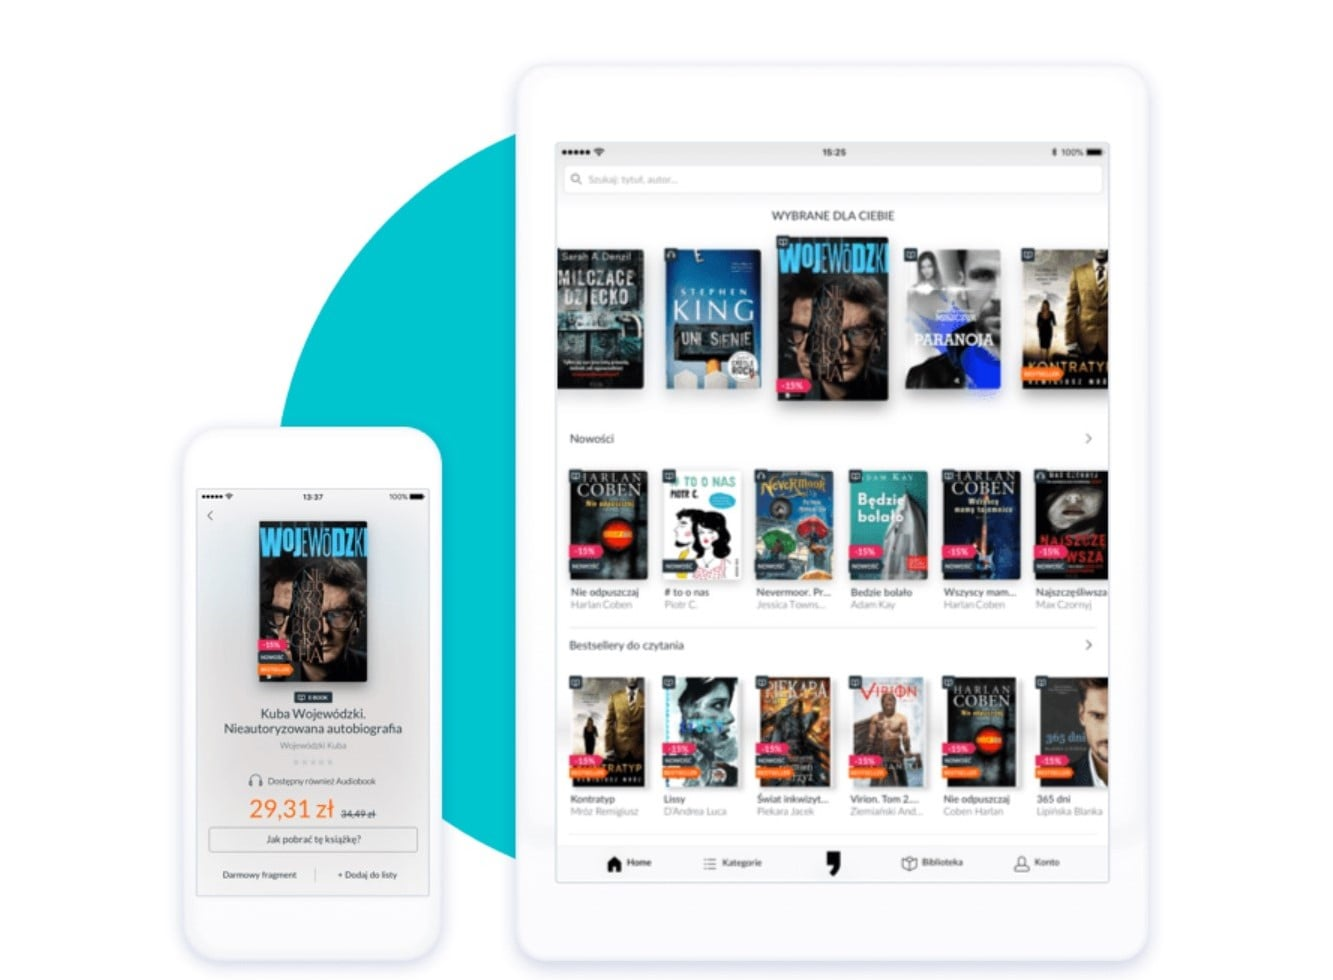 Nowe abonamenty w Empik Go: e-booki wraz z audiobookami bez limitu 23